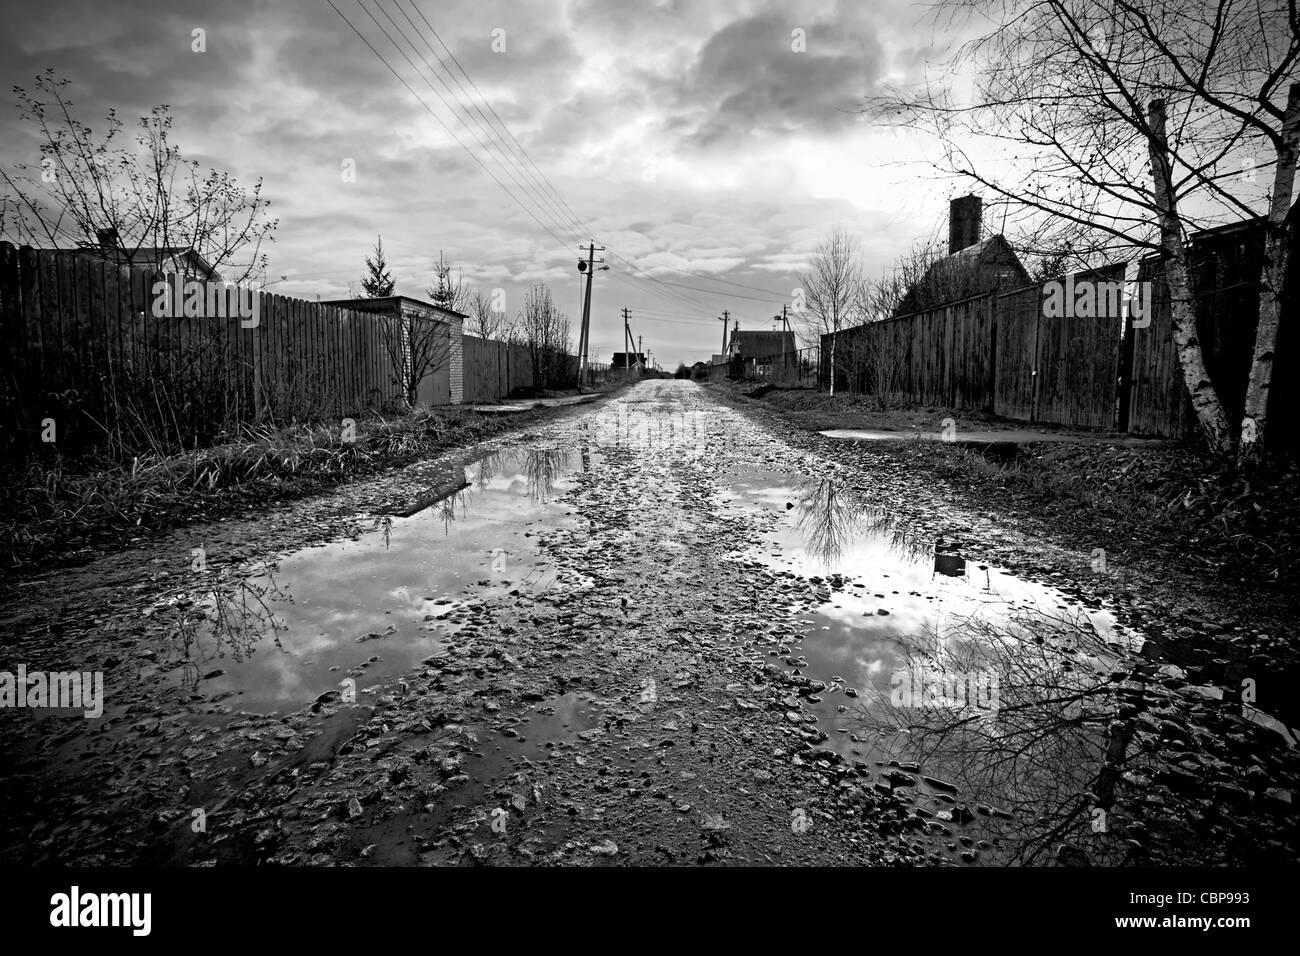 Saison des pluies. Images rurales. B&W le traitement. Photo Stock